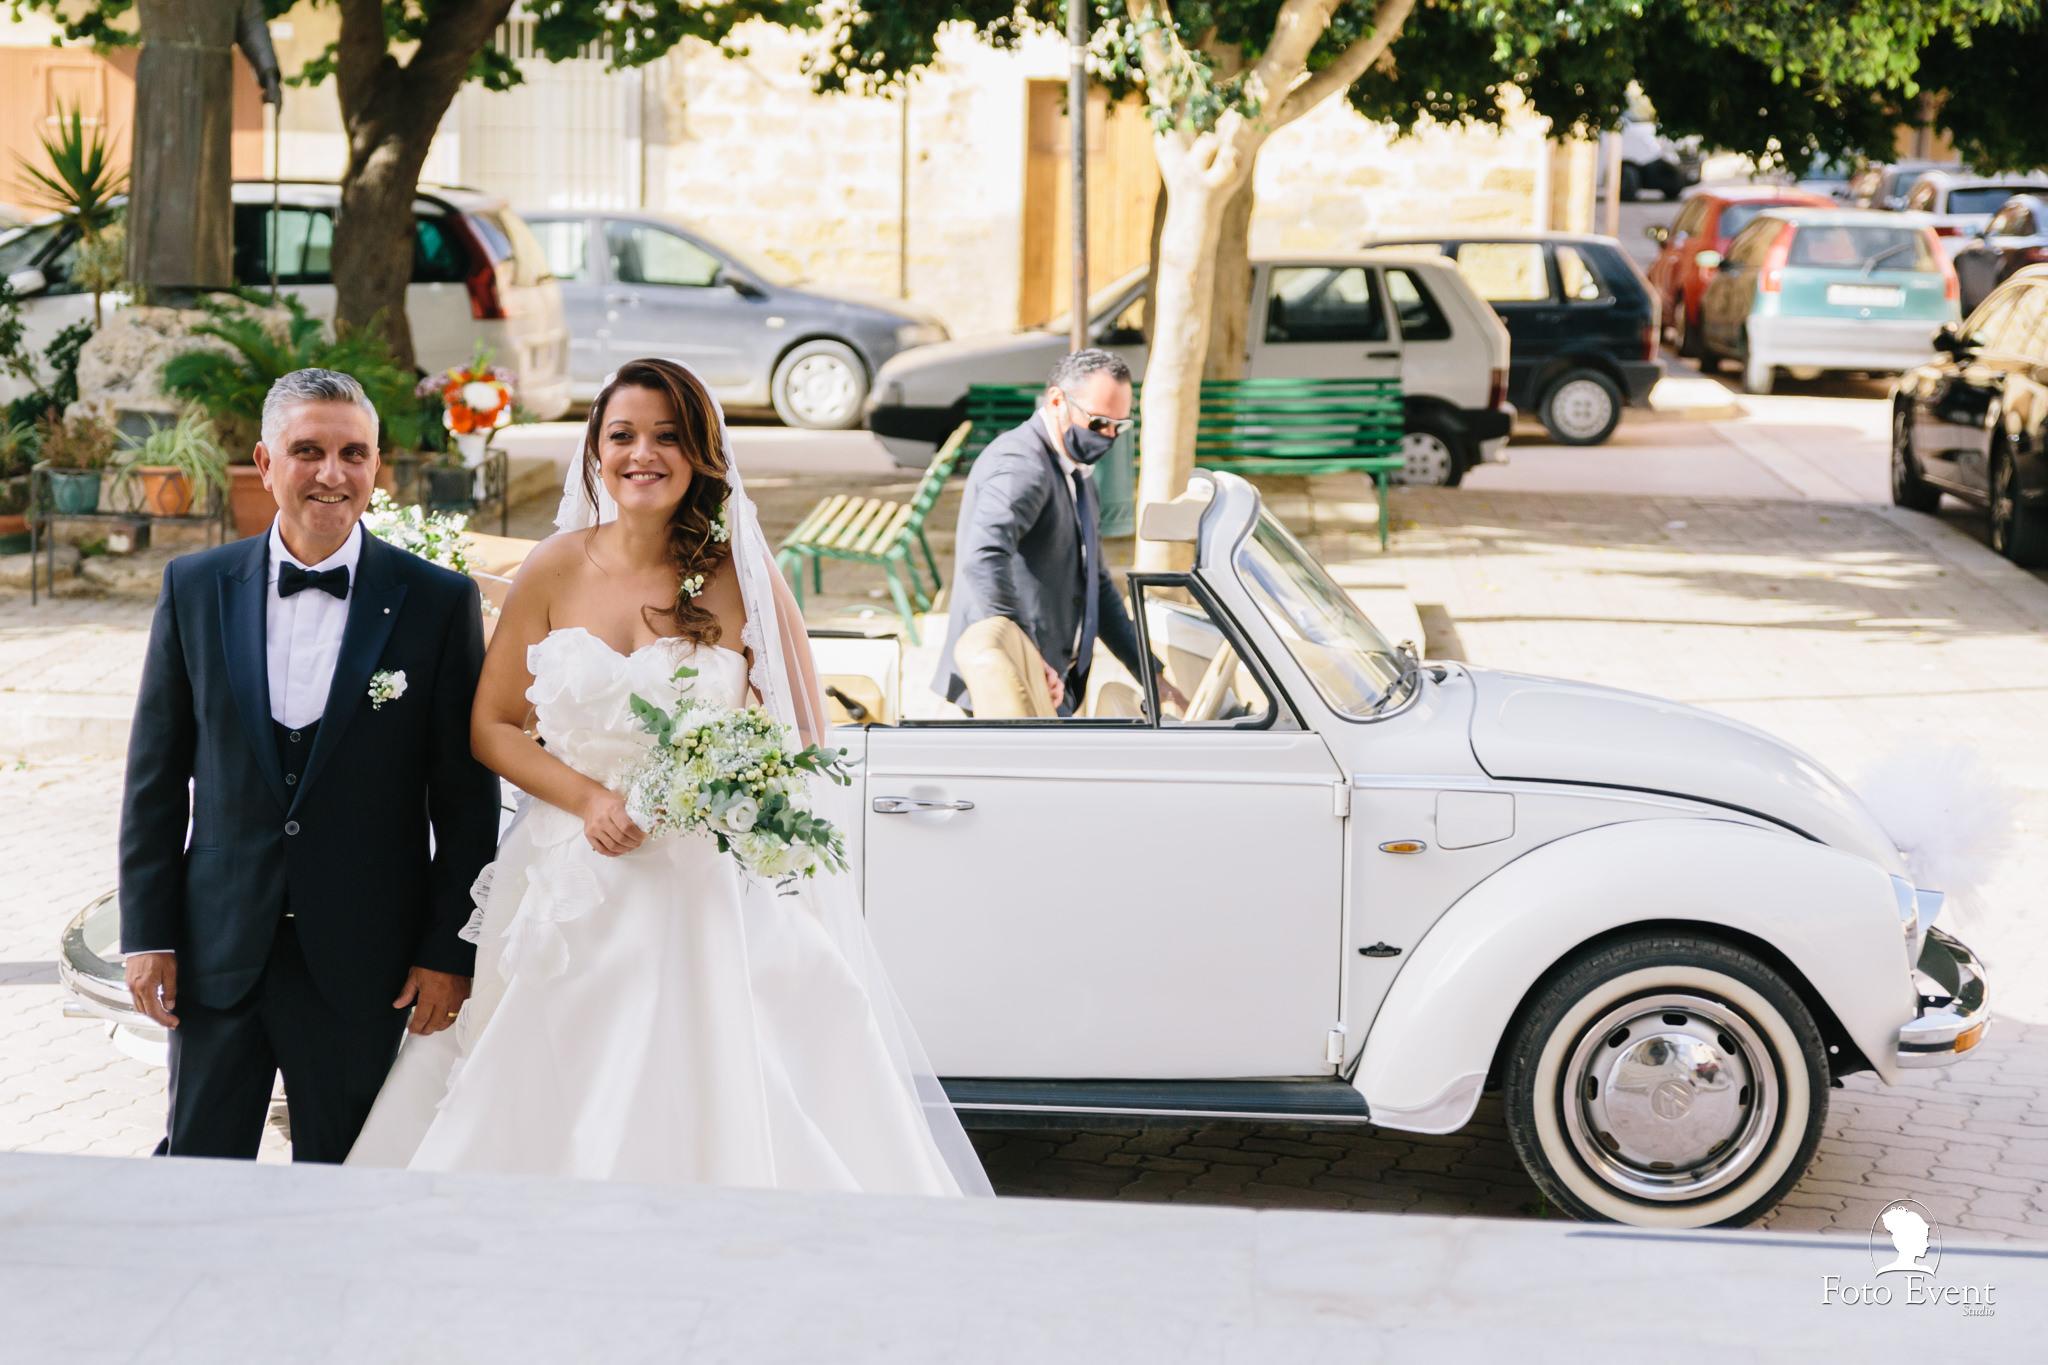 036-2020-10-15-Matrimonio-Noemi-e-Salvatore-Paterno-5DE-1357